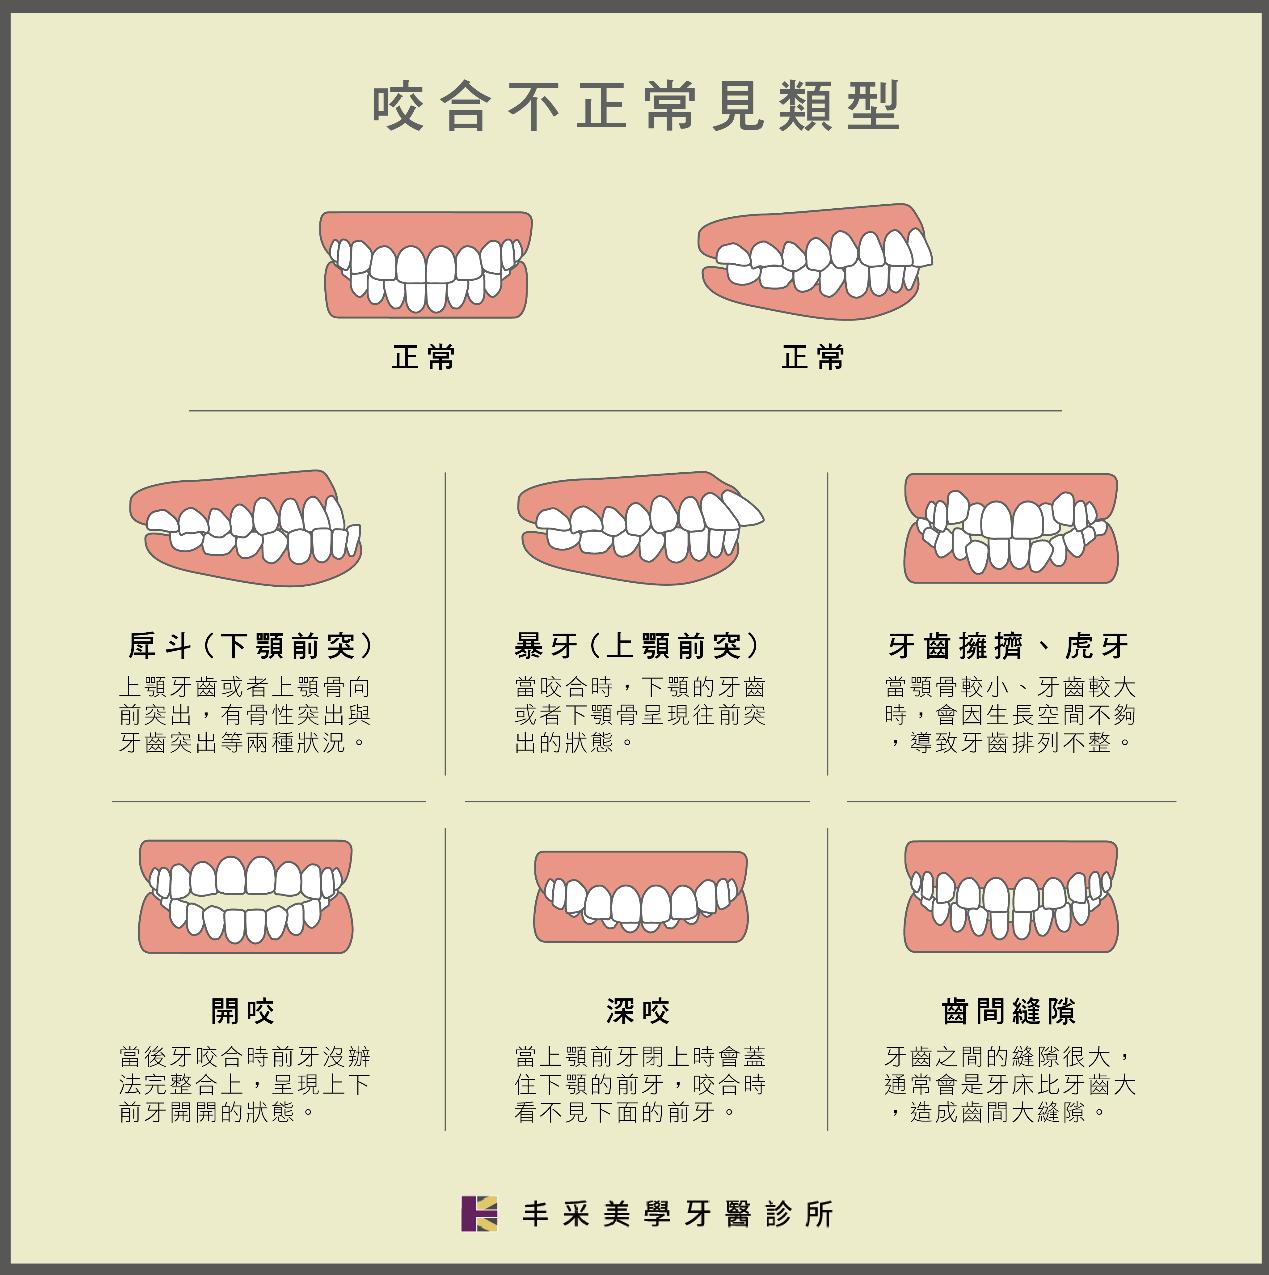 傳統矯正 咬合不正常見種類 丰采美學牙醫